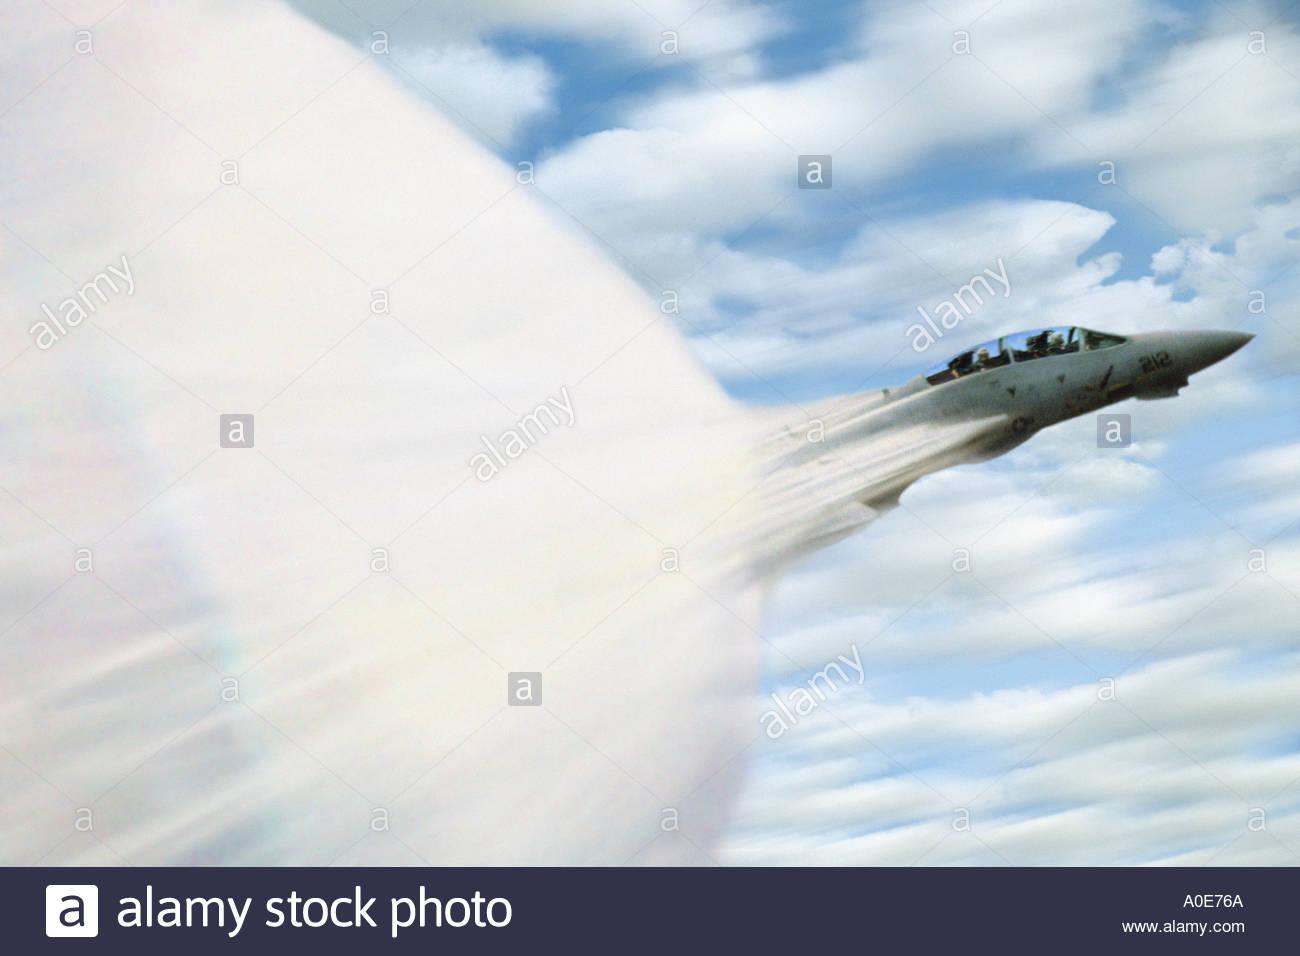 Mach One, eine Vereinigte Staaten Marine f-14 Tomcat Flugzeug Jet brechen die Schallmauer 500 Füßen über dem Pazifischen Ozean Stockbild